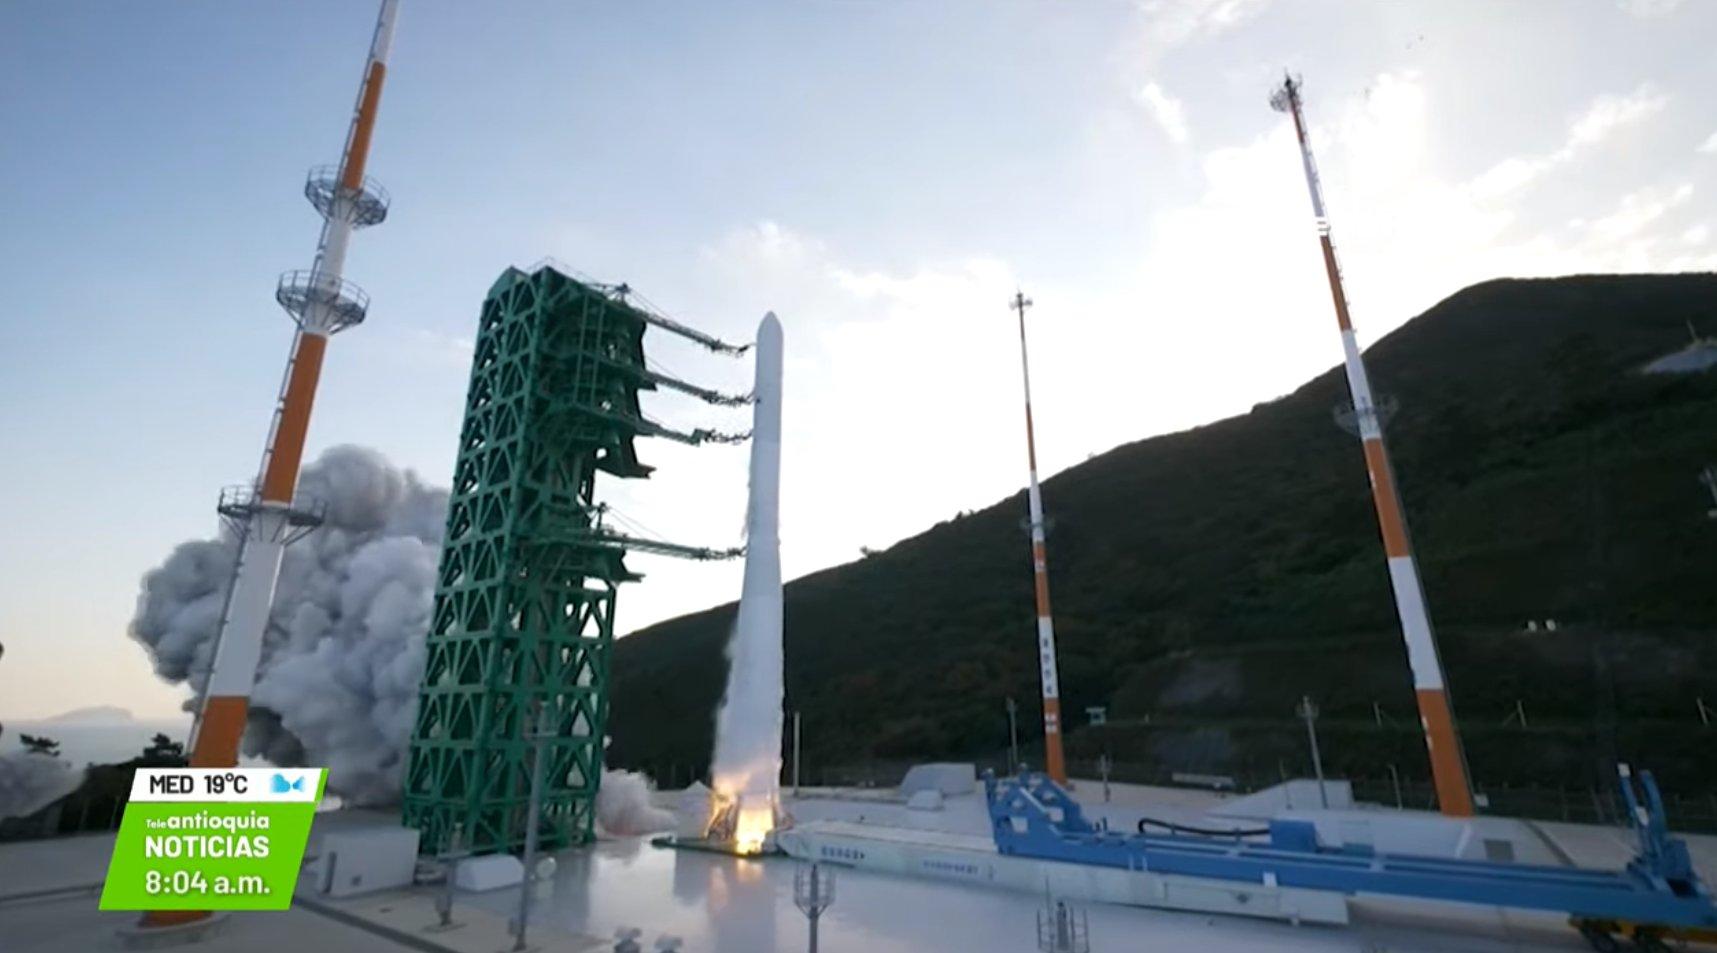 Internacional : Agencia de Corea del Sur envía cohete al espacio